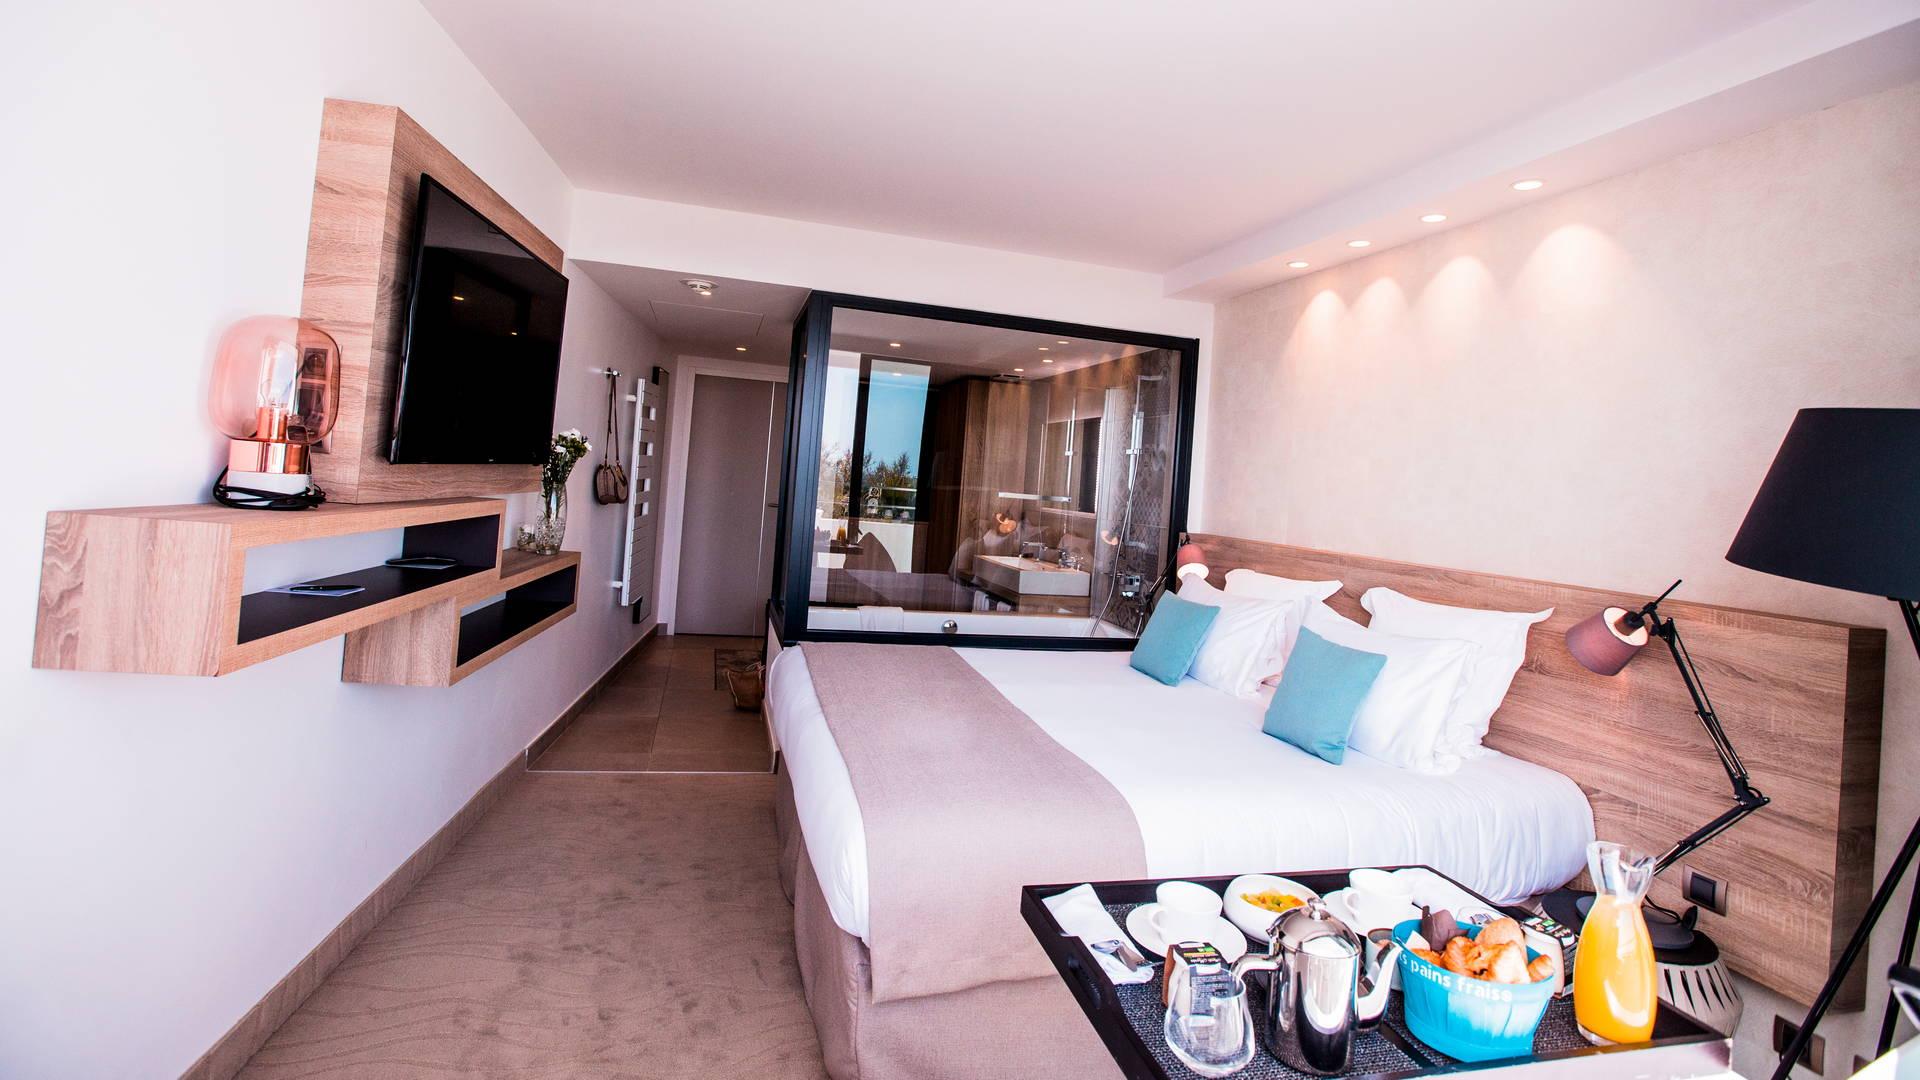 Petit-déjeuner en room service dans la chambre Deluxe avec vue sur la mer, hôtel 5 étoiles bord de mer, Hôtel La Plage.